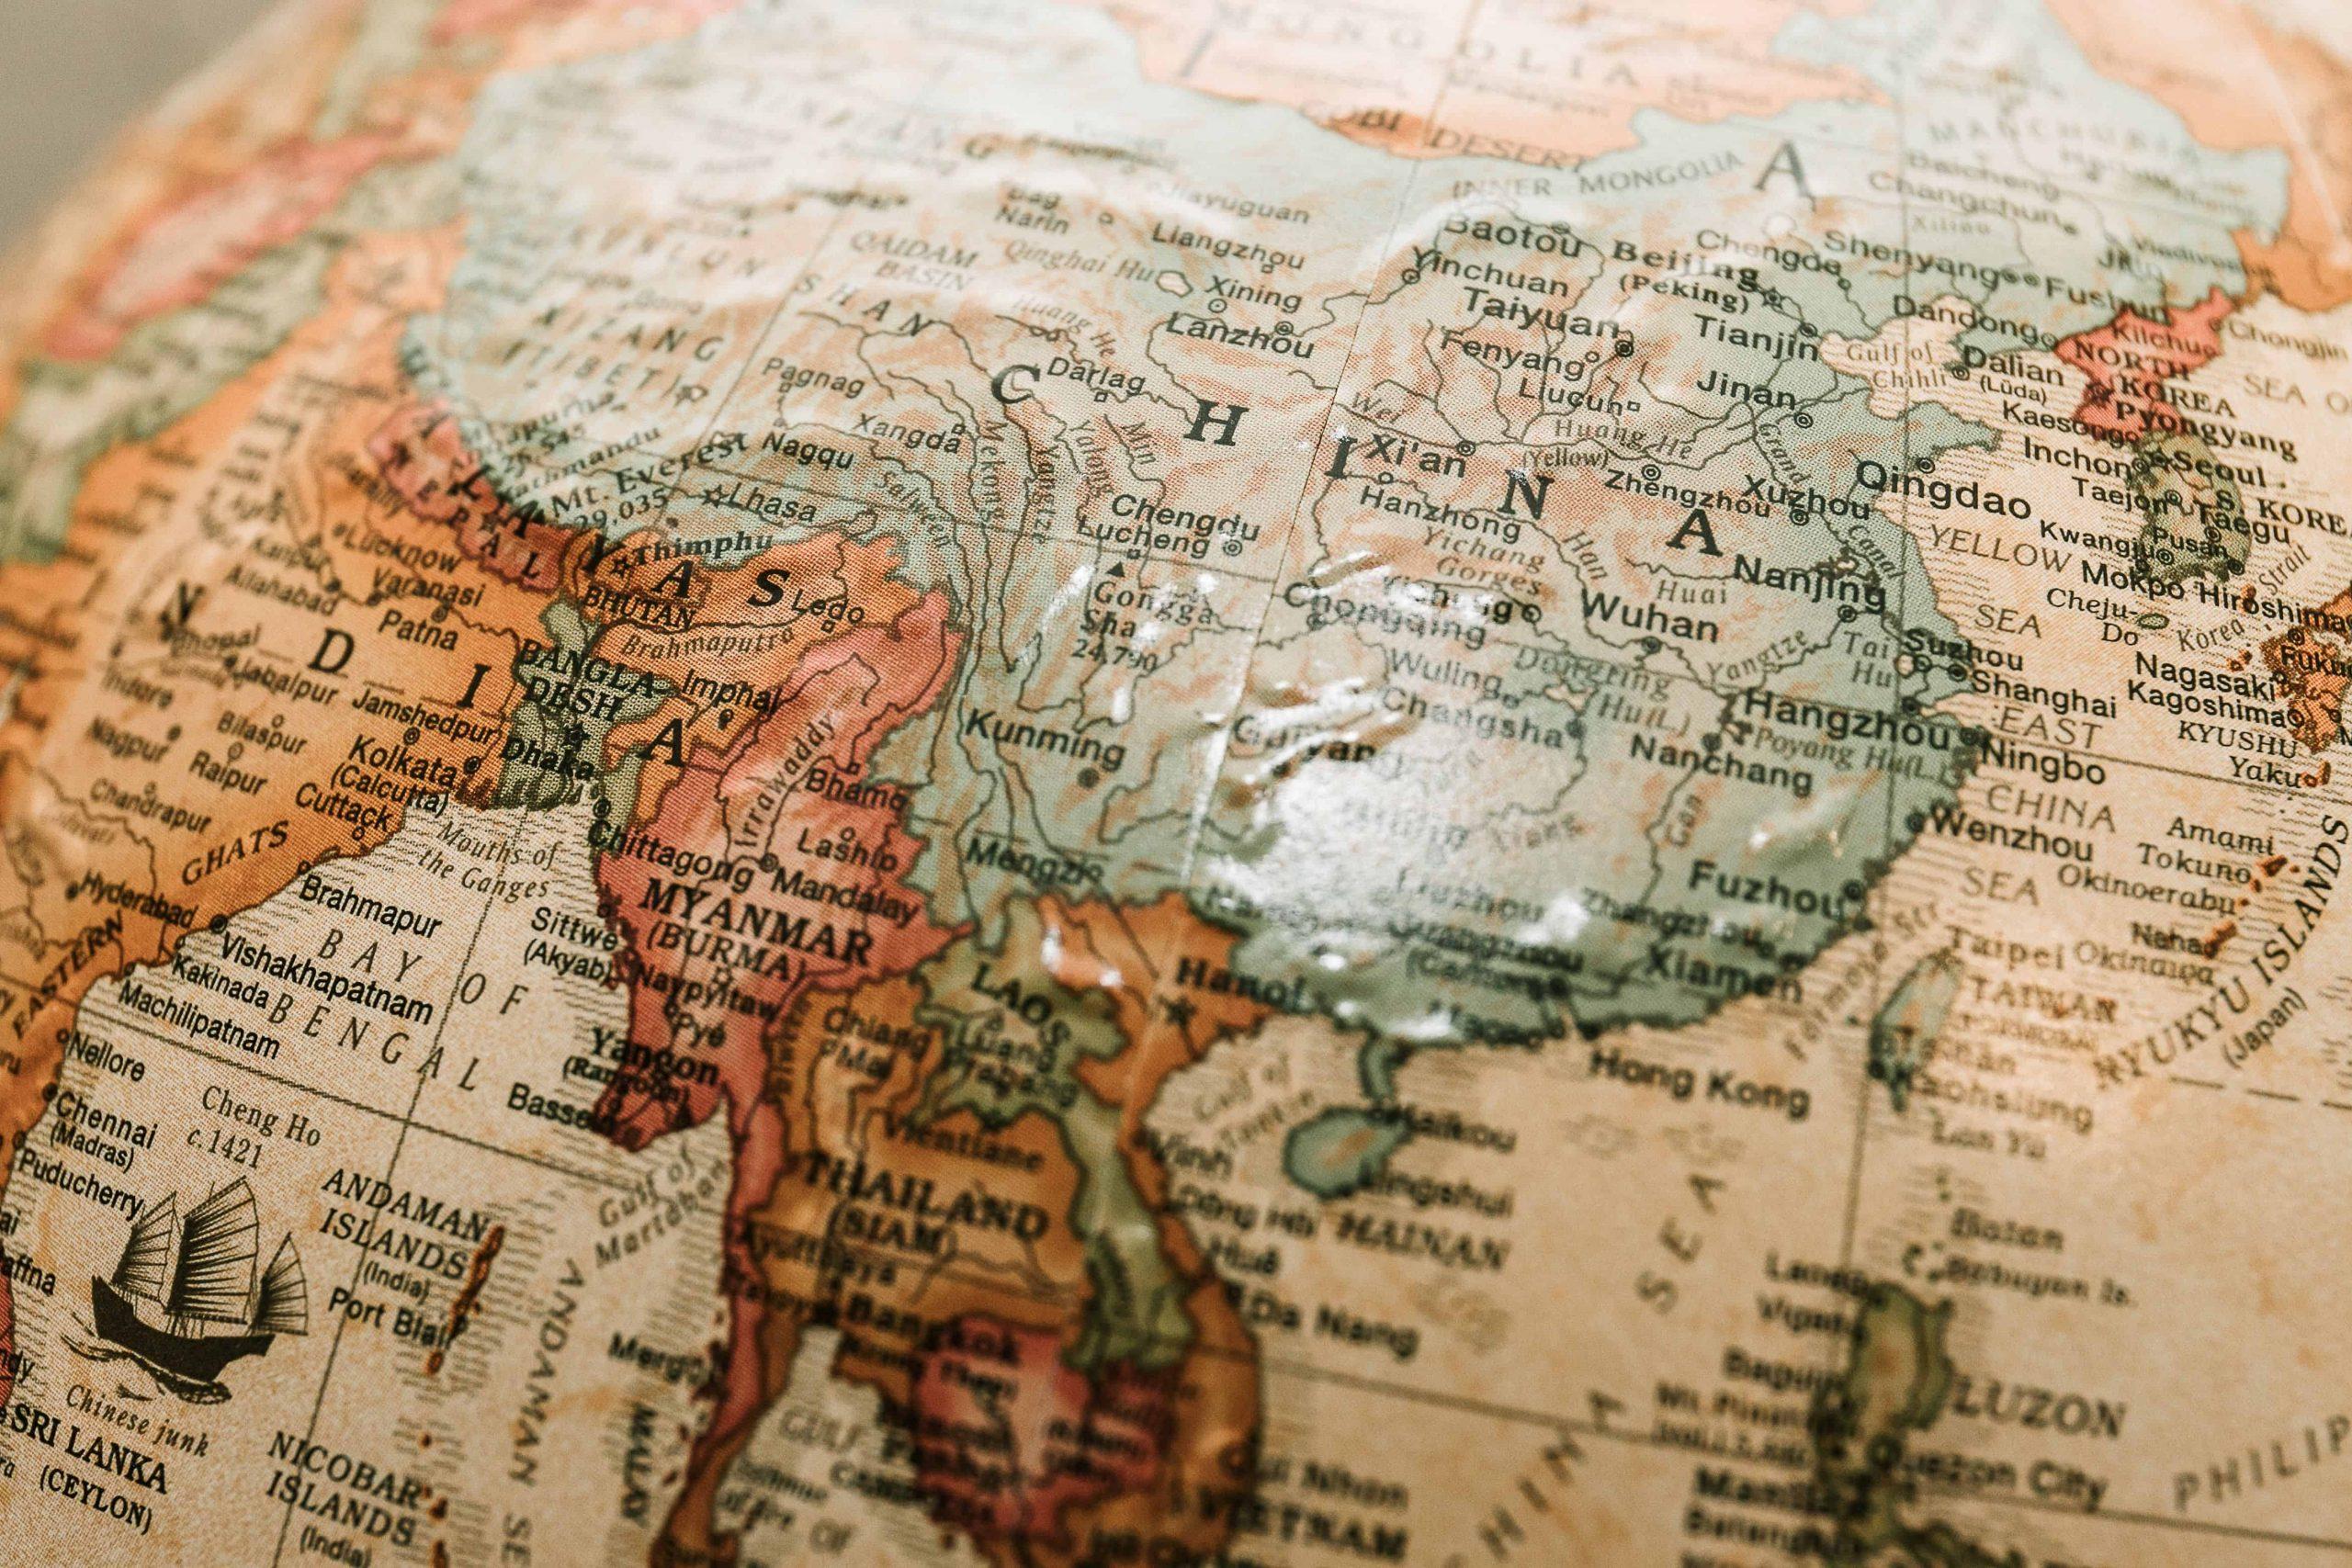 Are China, Taiwan, Hong Kong, And Macau Separate Countries?